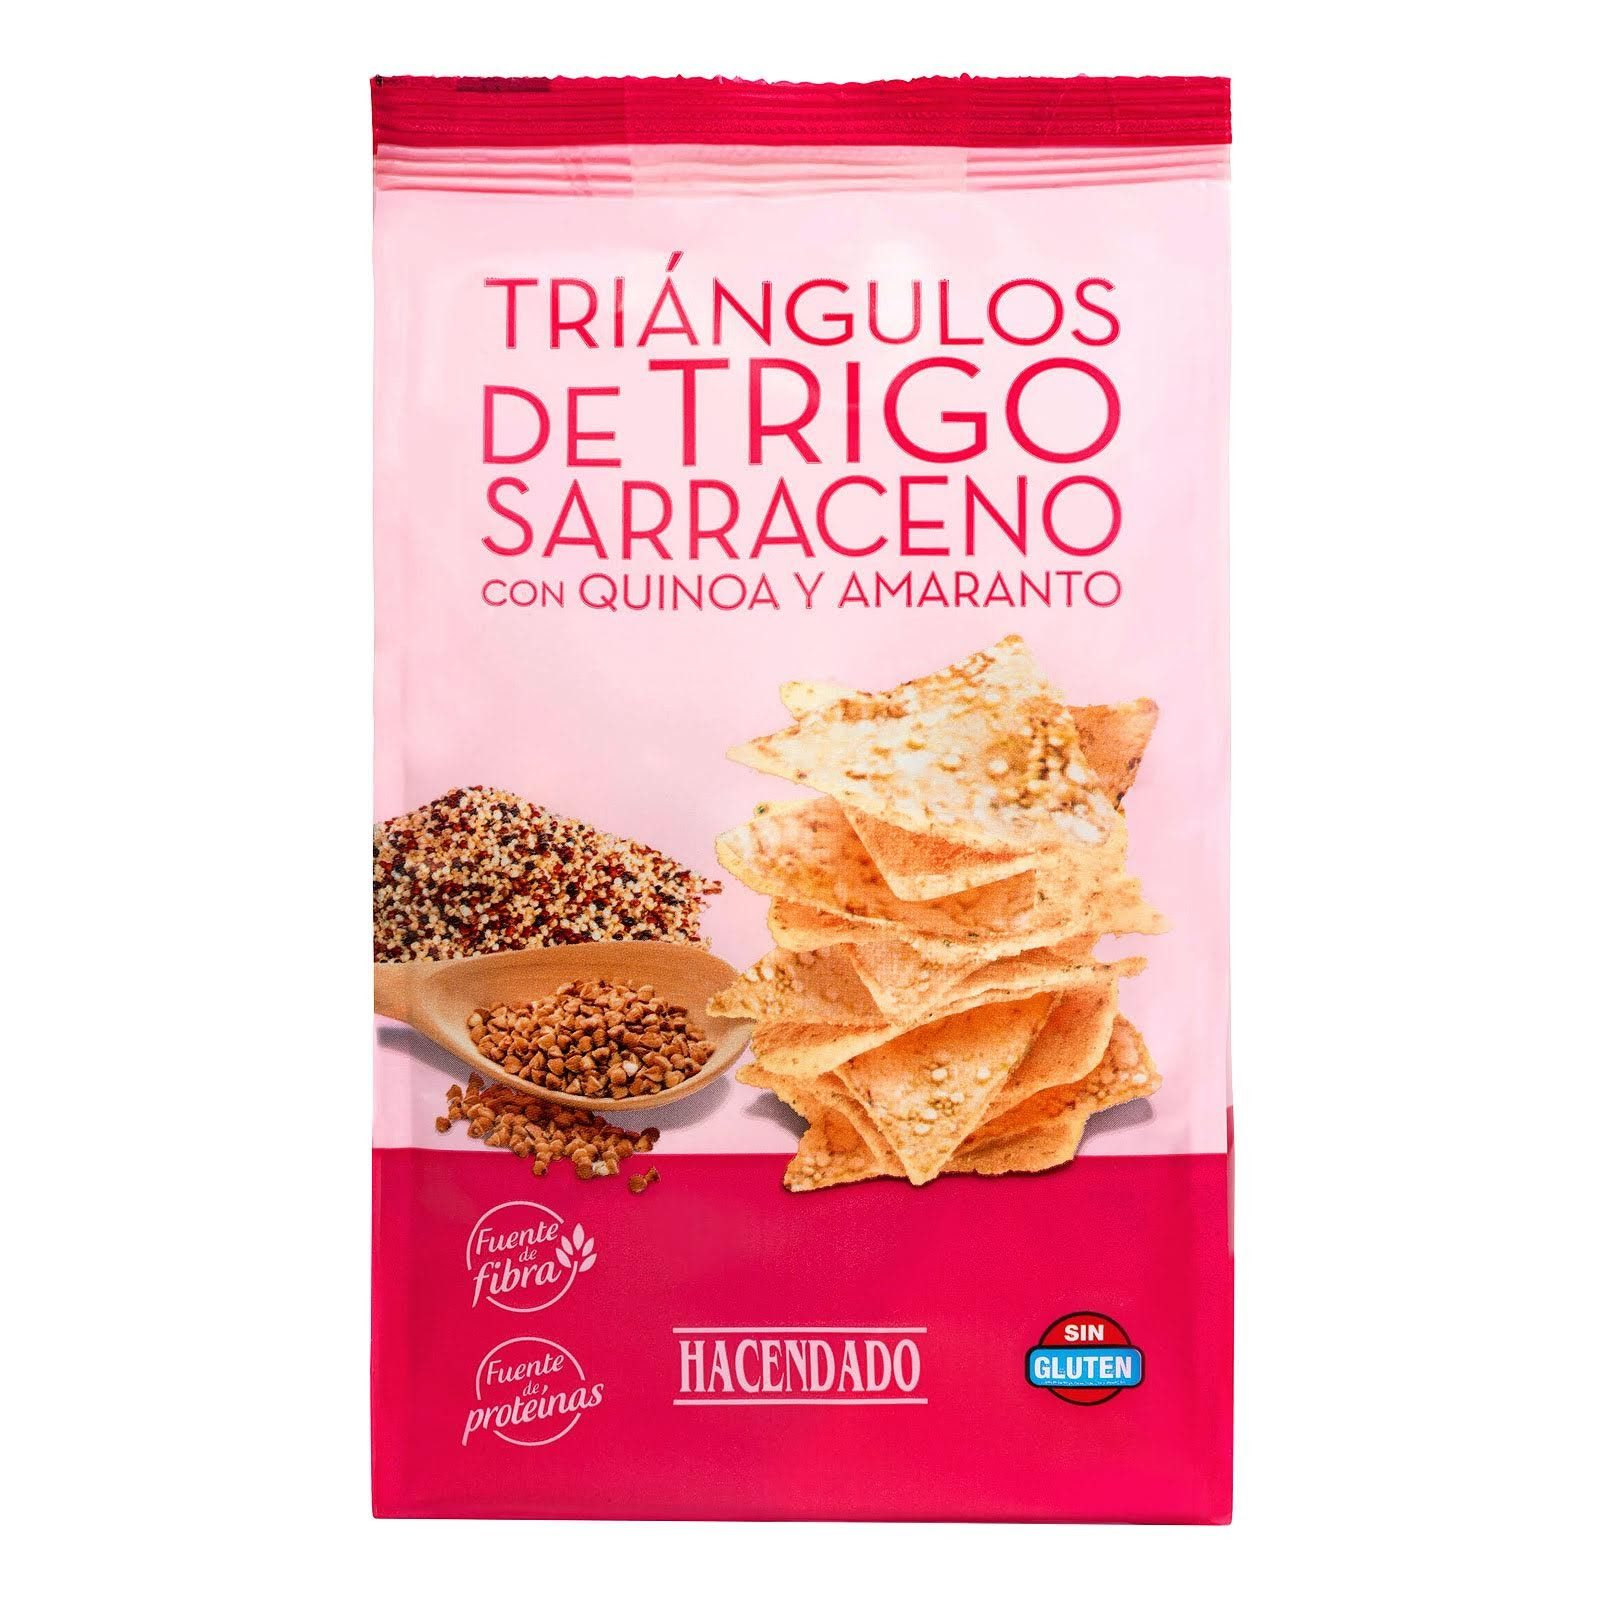 triangulos-de-trigo-sarraceno-con-quinoa-y-amaranto-hacendado-mercadona-1-6527089